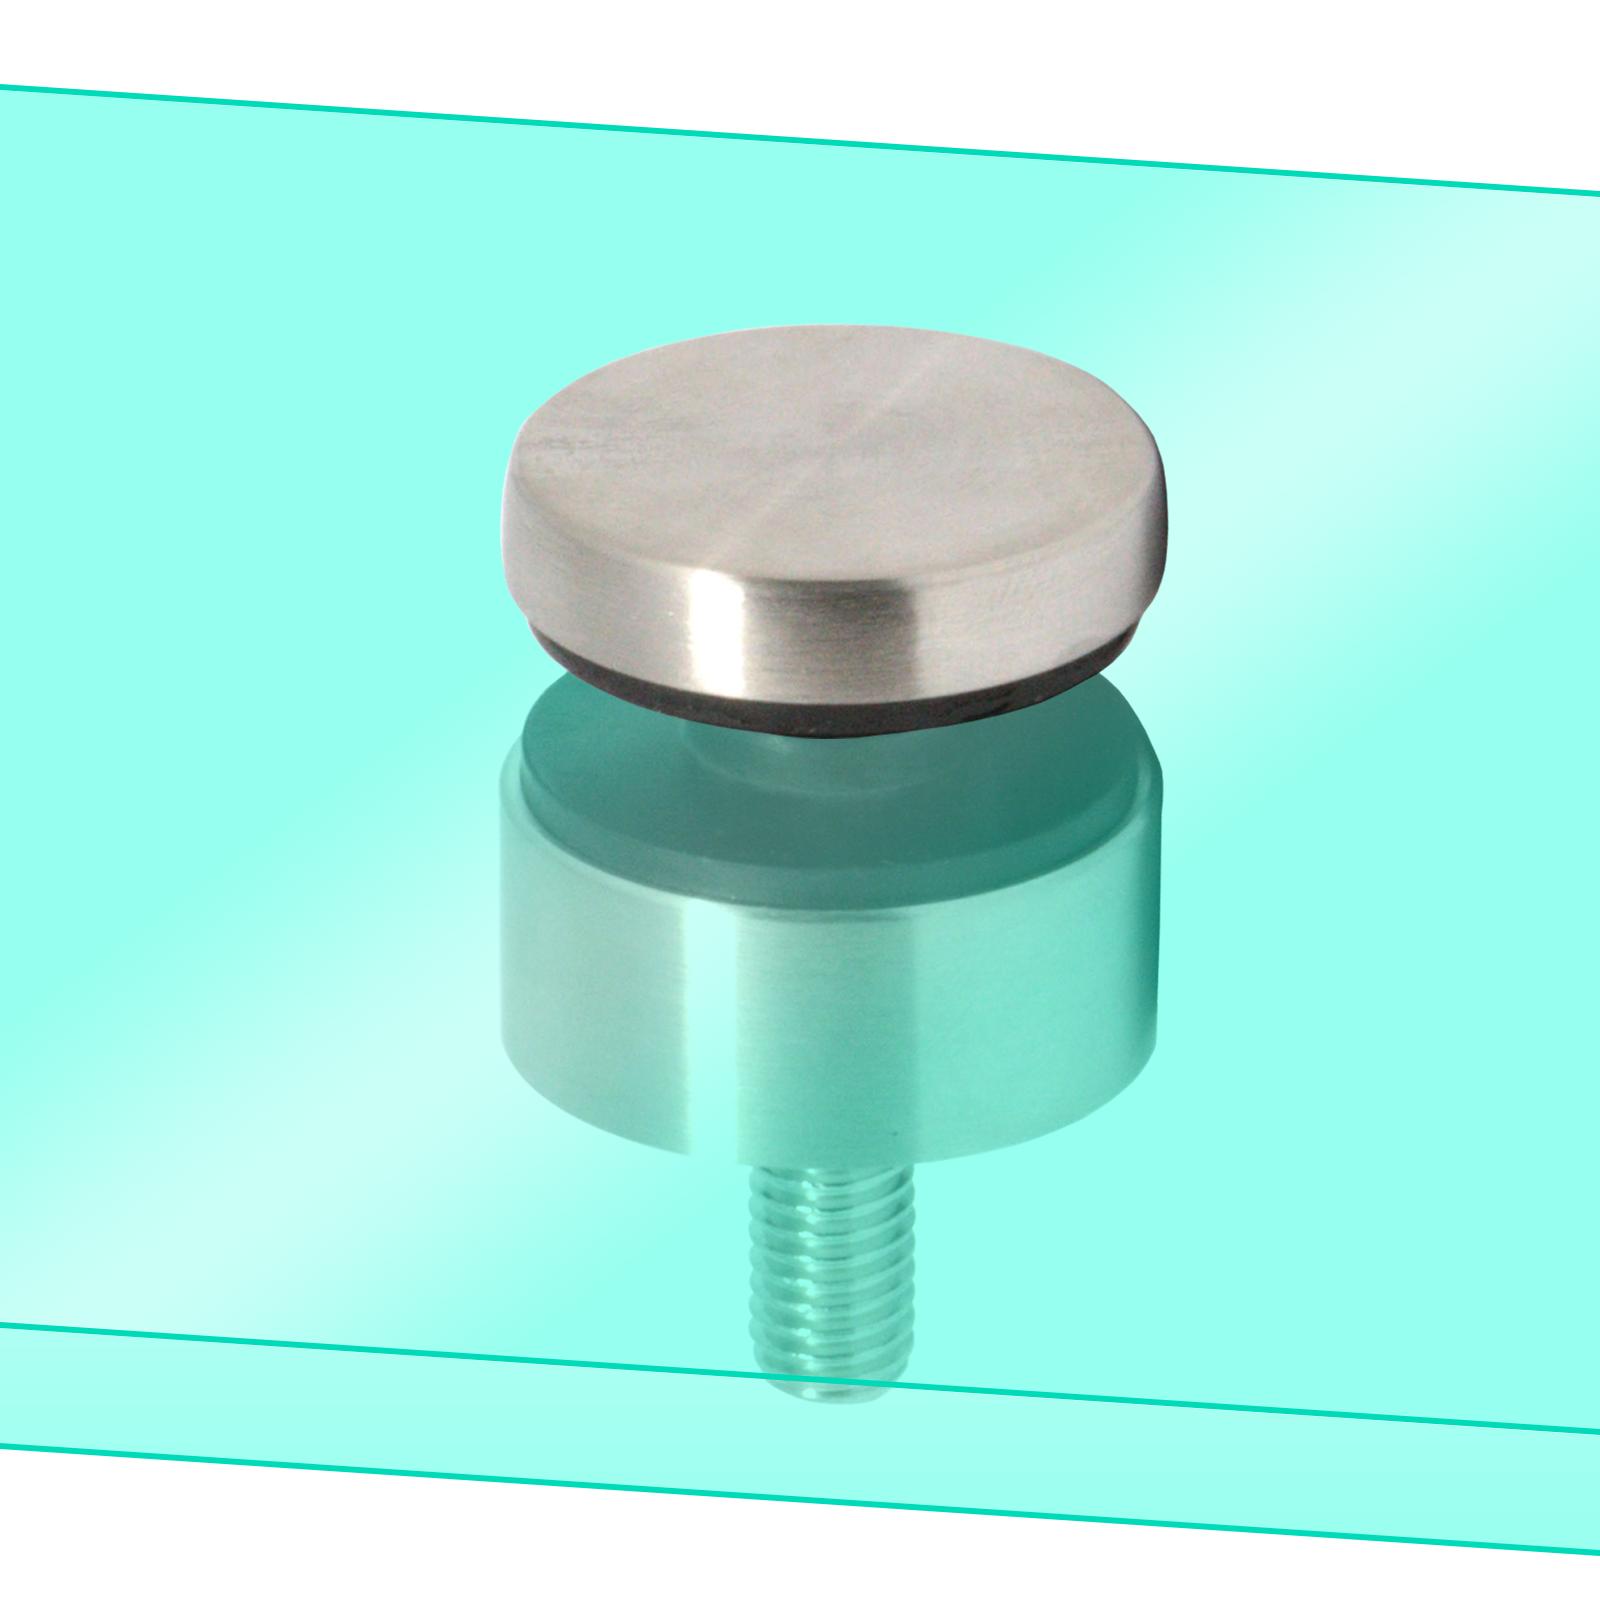 Glaspunkthalter Funktionsweise